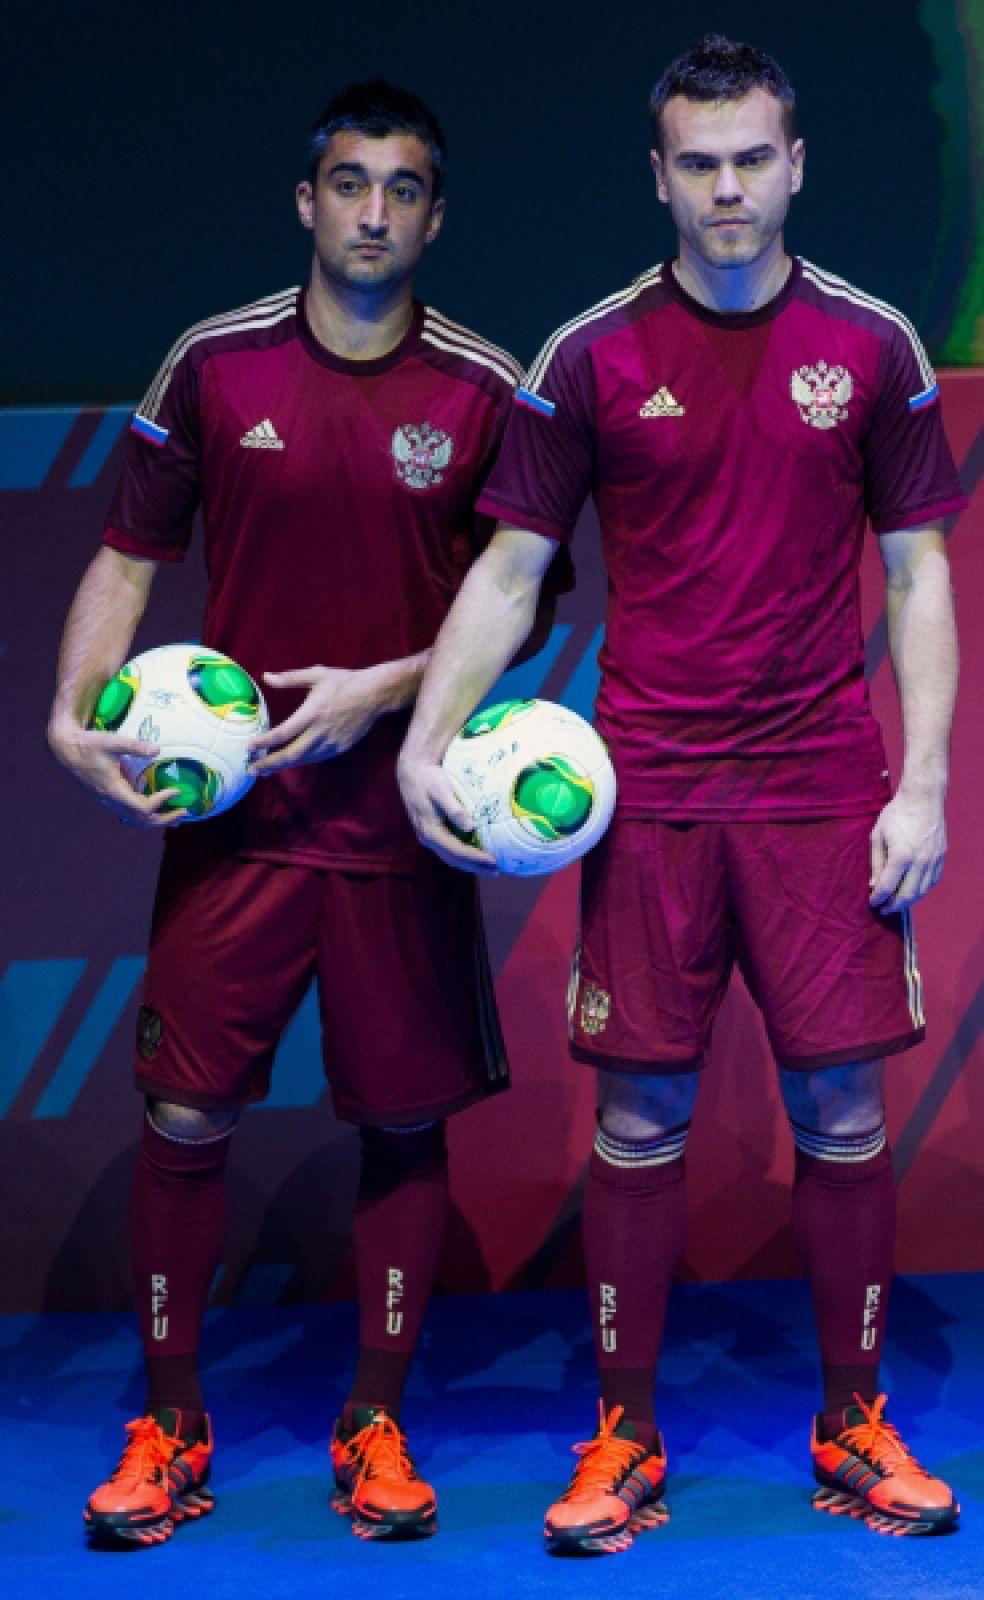 Сборная России будет играть в Бразилии в форме красного цвета оттенка Кремлёвской стены с полосами золотистого цвета.